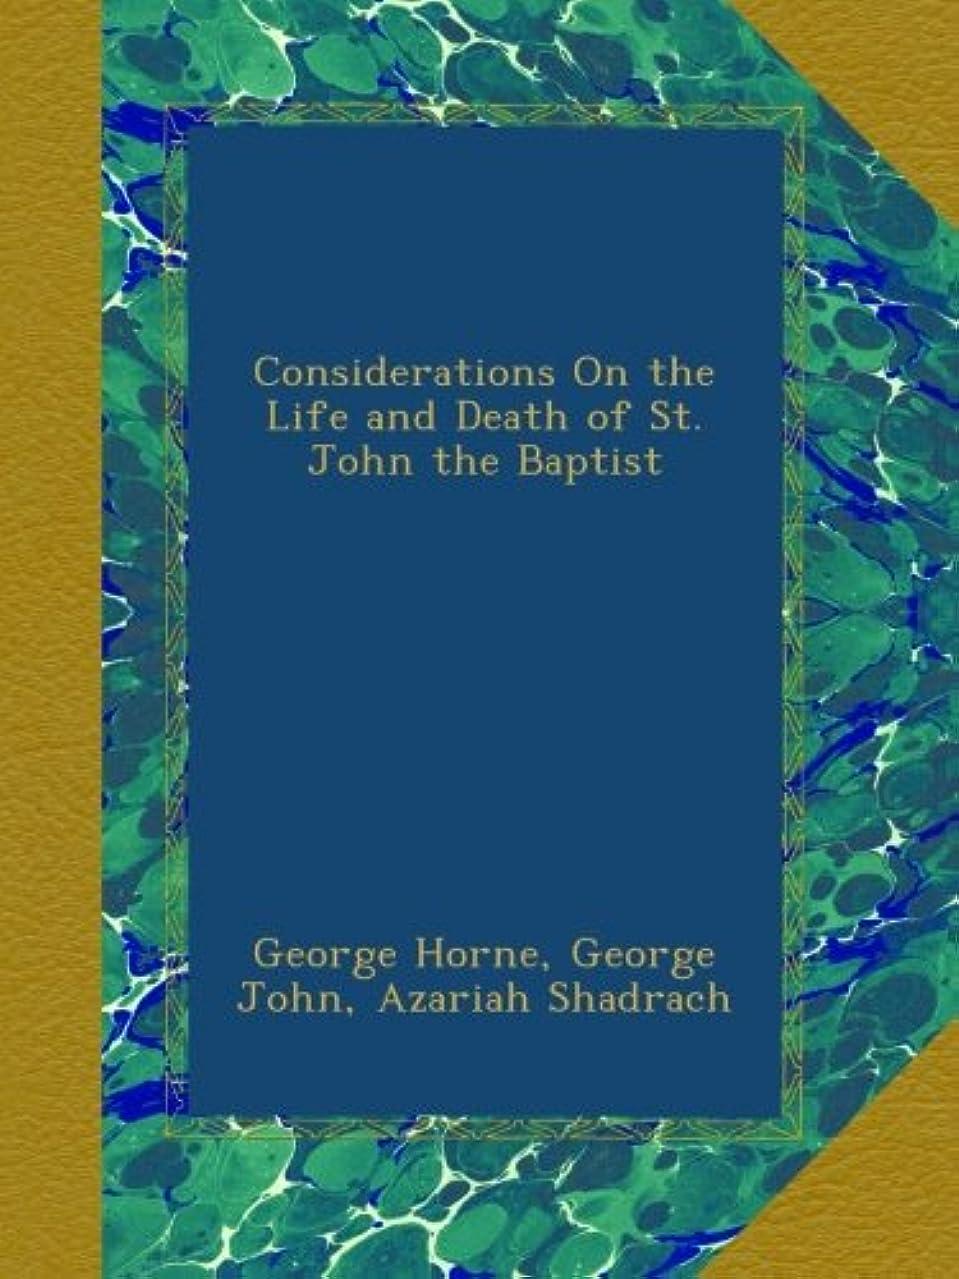 殺すマンモスジャケットConsiderations On the Life and Death of St. John the Baptist